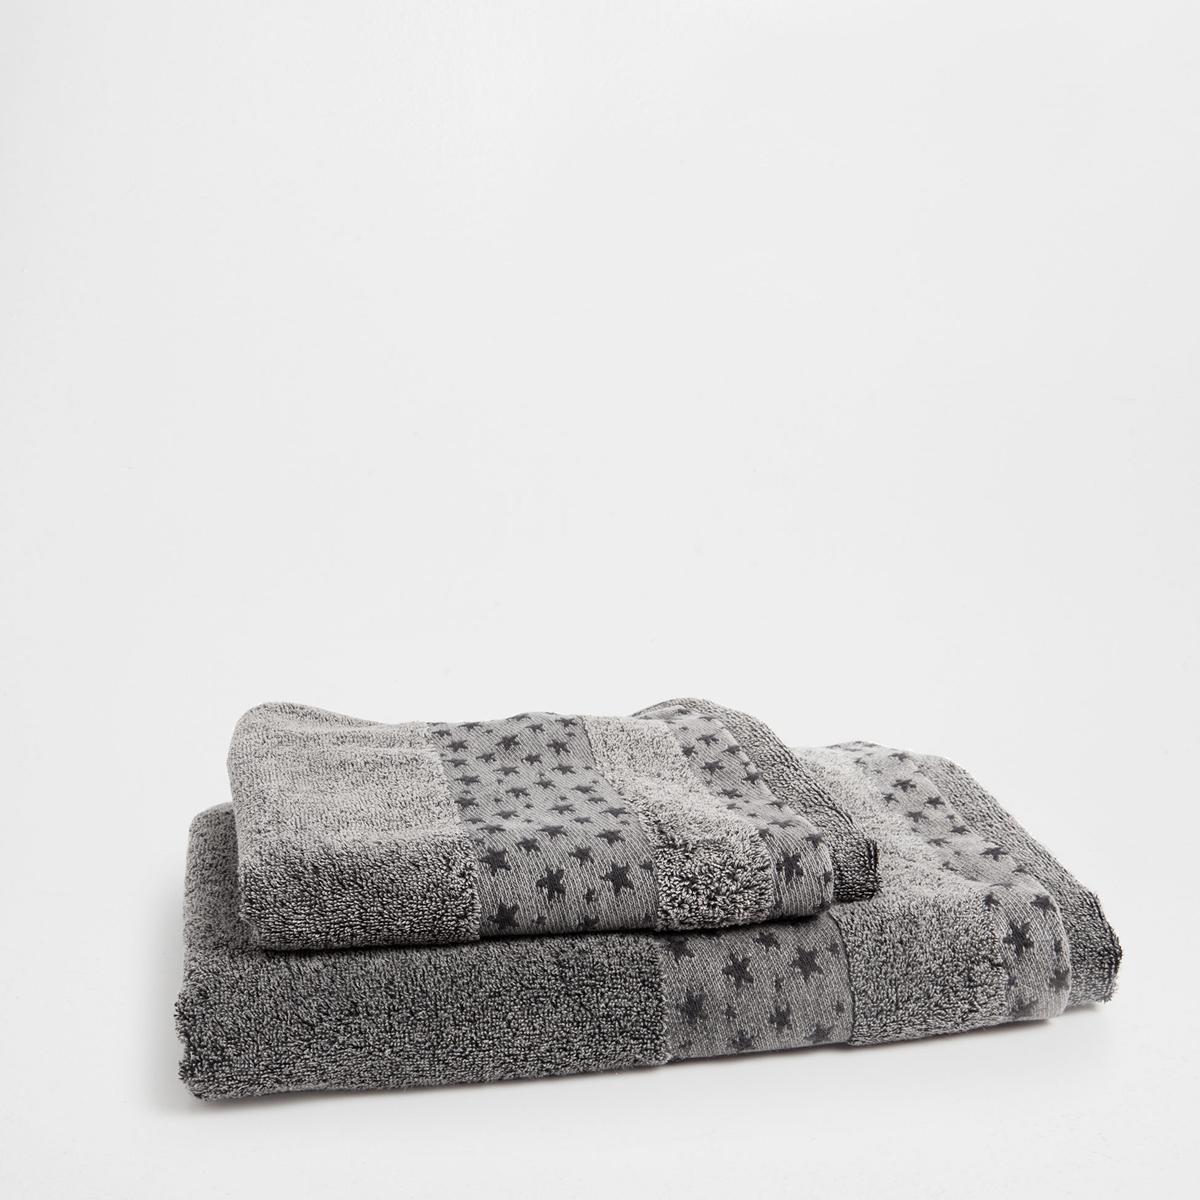 serviettes de bain Enfant Zara Home à partir de 9,99 - Le Buzz de Rouen